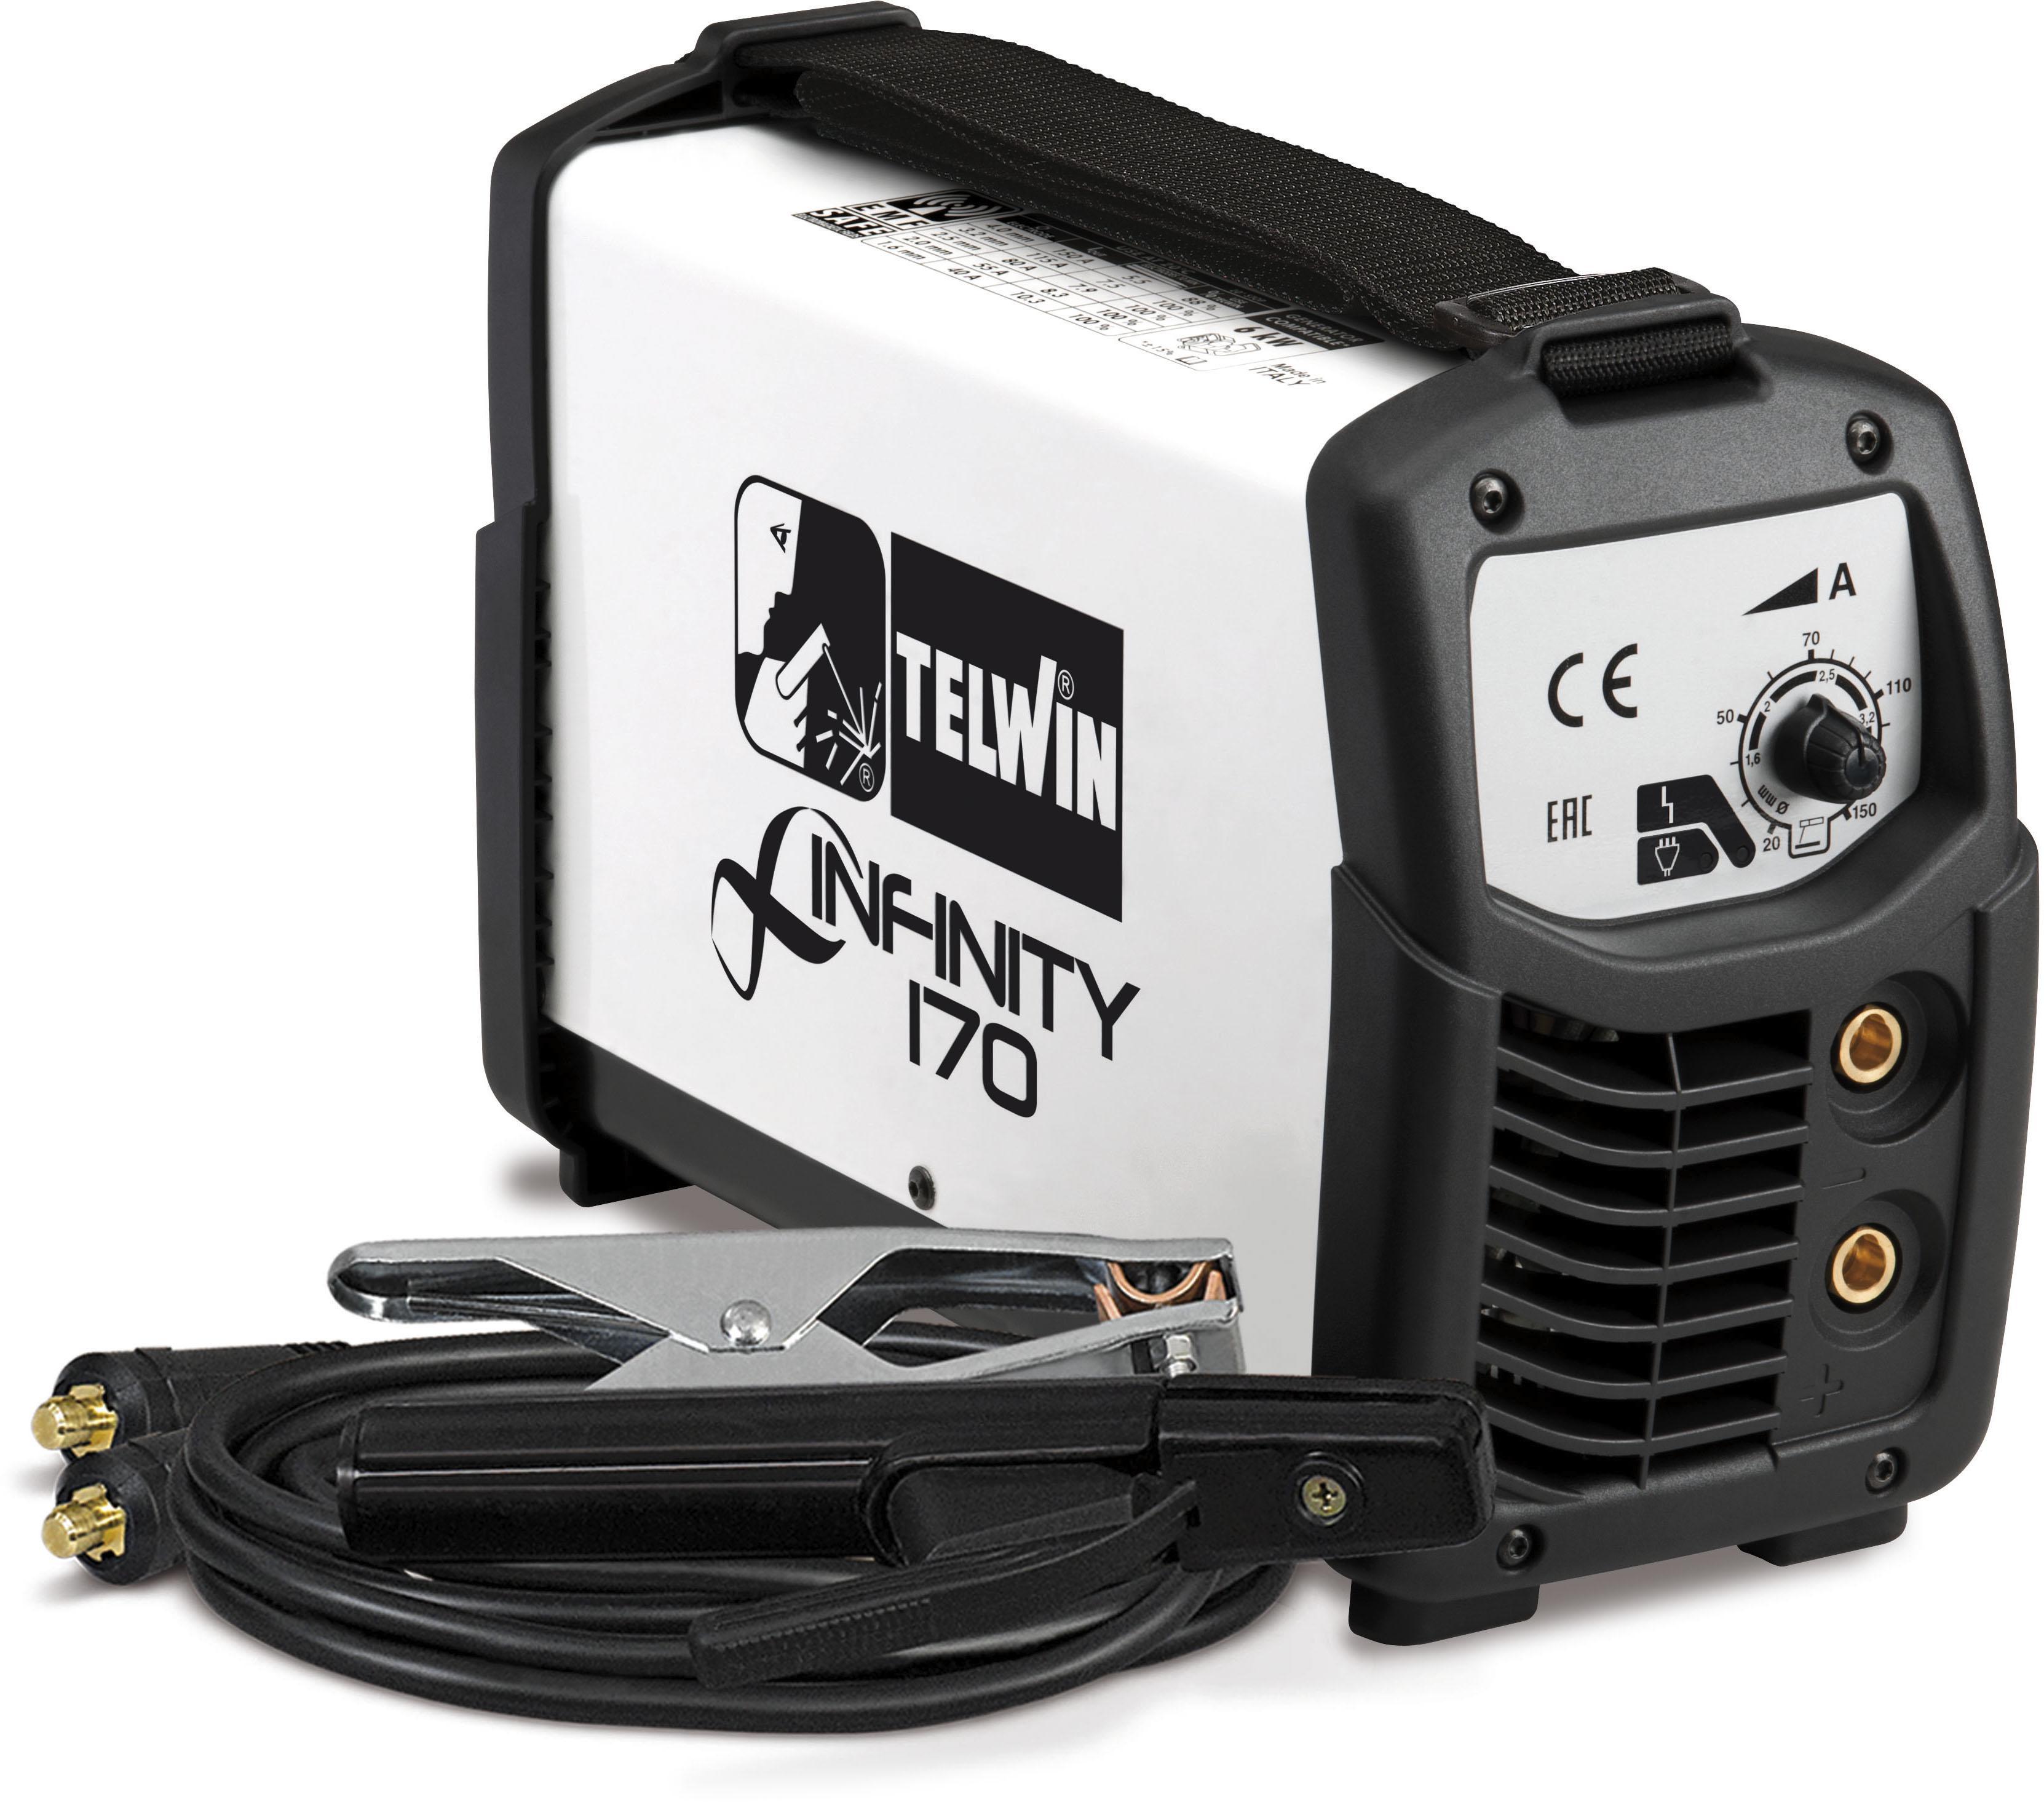 Купить Сварочный аппарат Telwin Infinity 170 230v acx